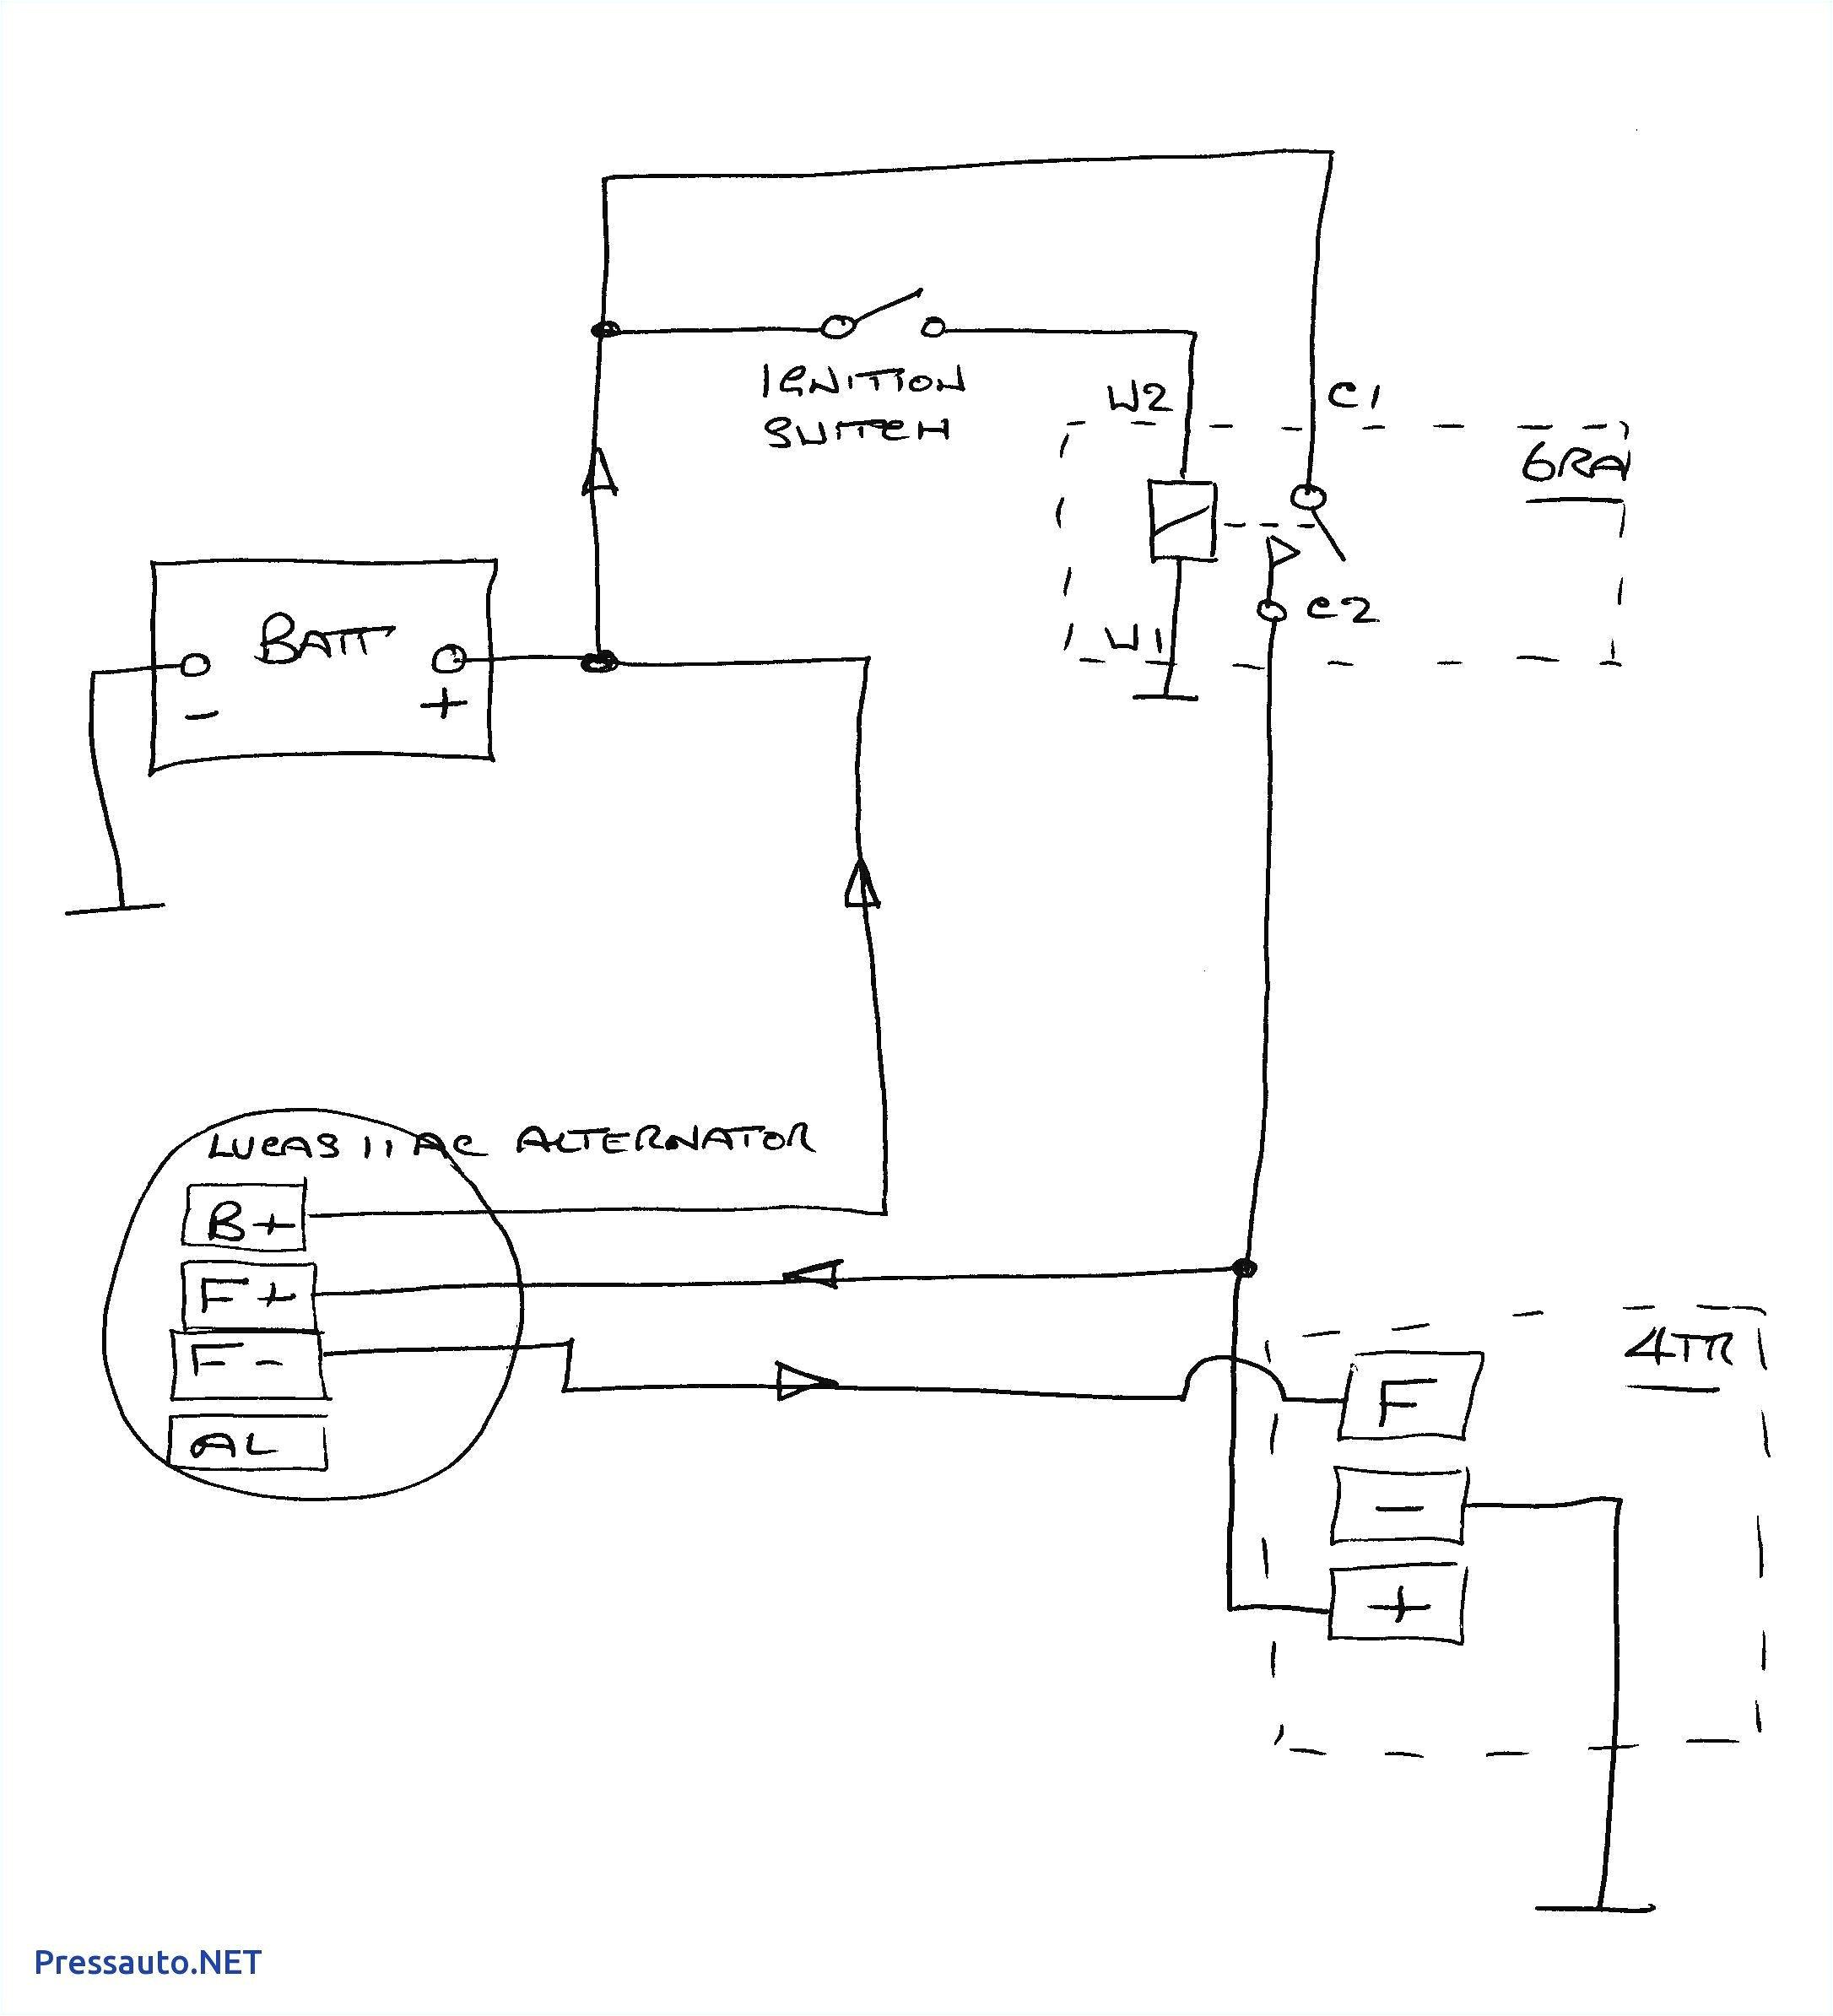 alternator wiring schematic free download wiring diagram val deutz alternator wiring diagram free download